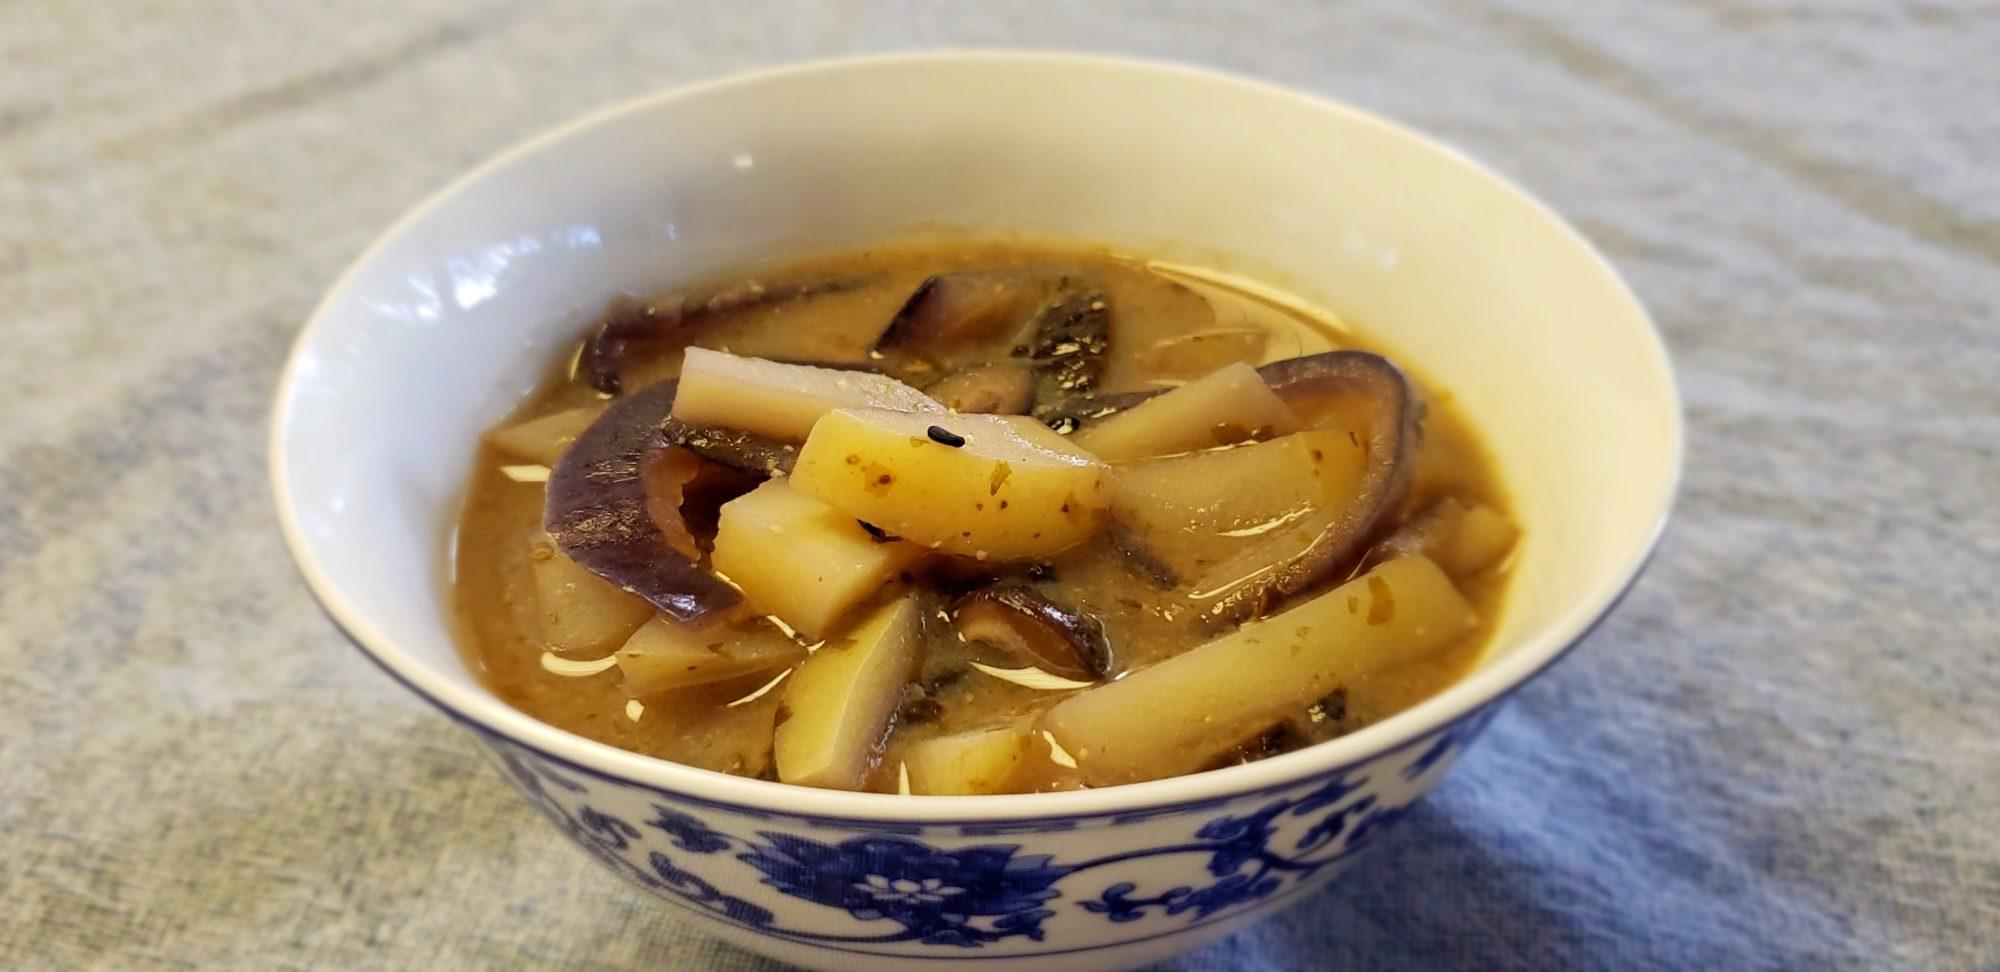 Potato and Miso Soup